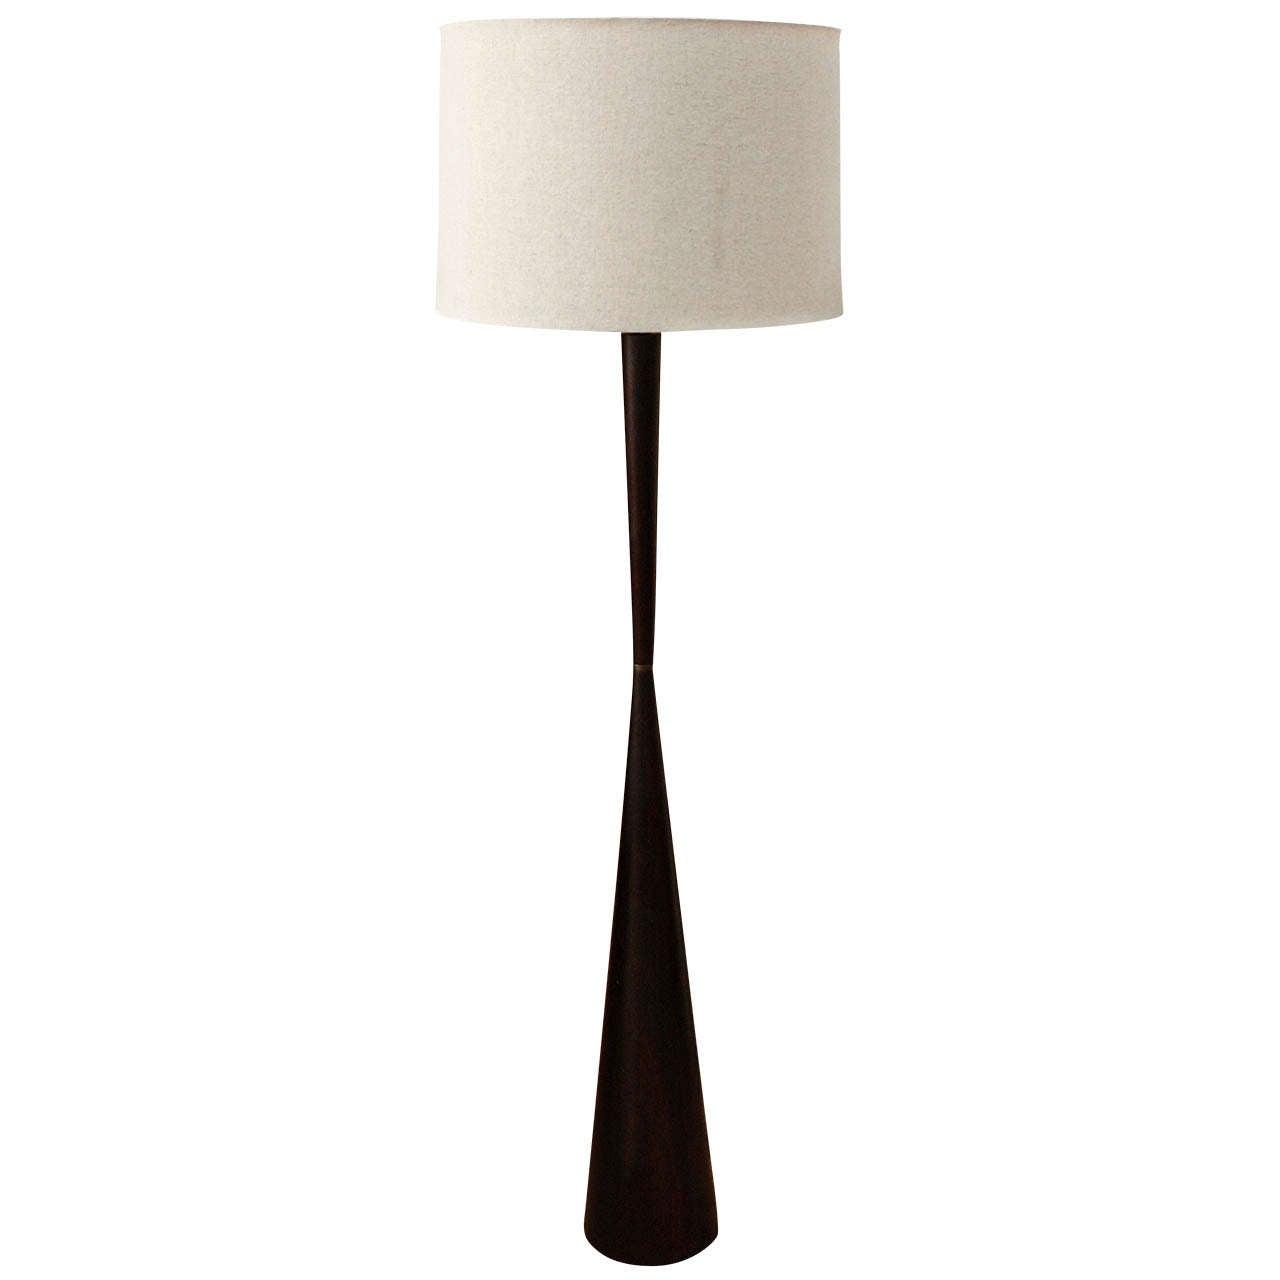 mid century teak floor lamp at 1stdibs. Black Bedroom Furniture Sets. Home Design Ideas